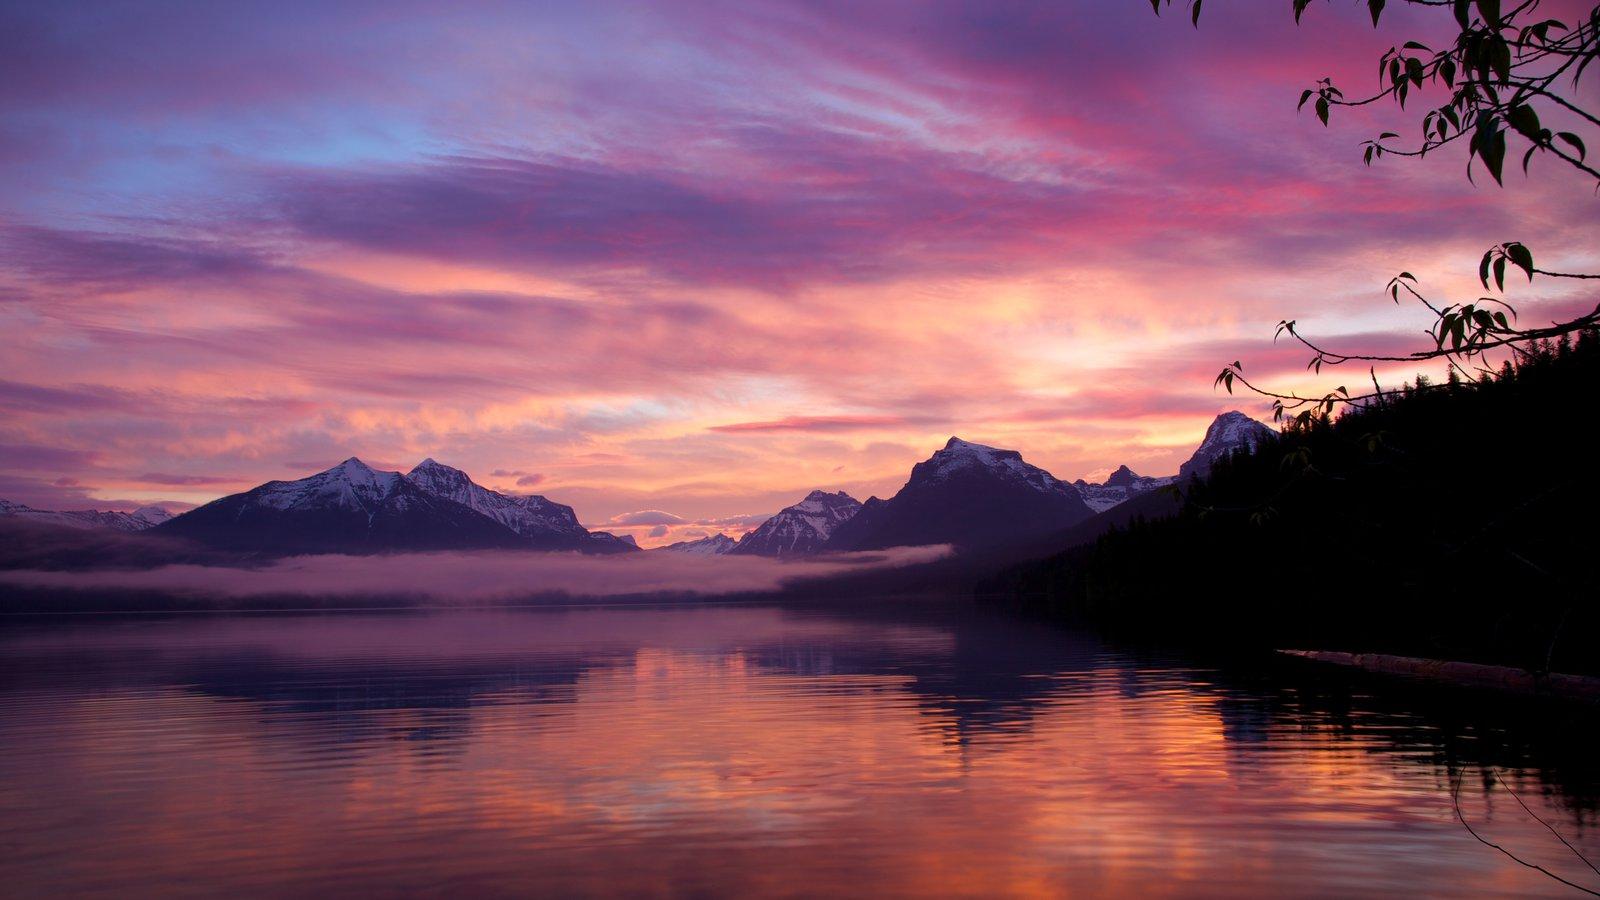 Parque Nacional de los Glaciares mostrando una puesta de sol y un lago o abrevadero